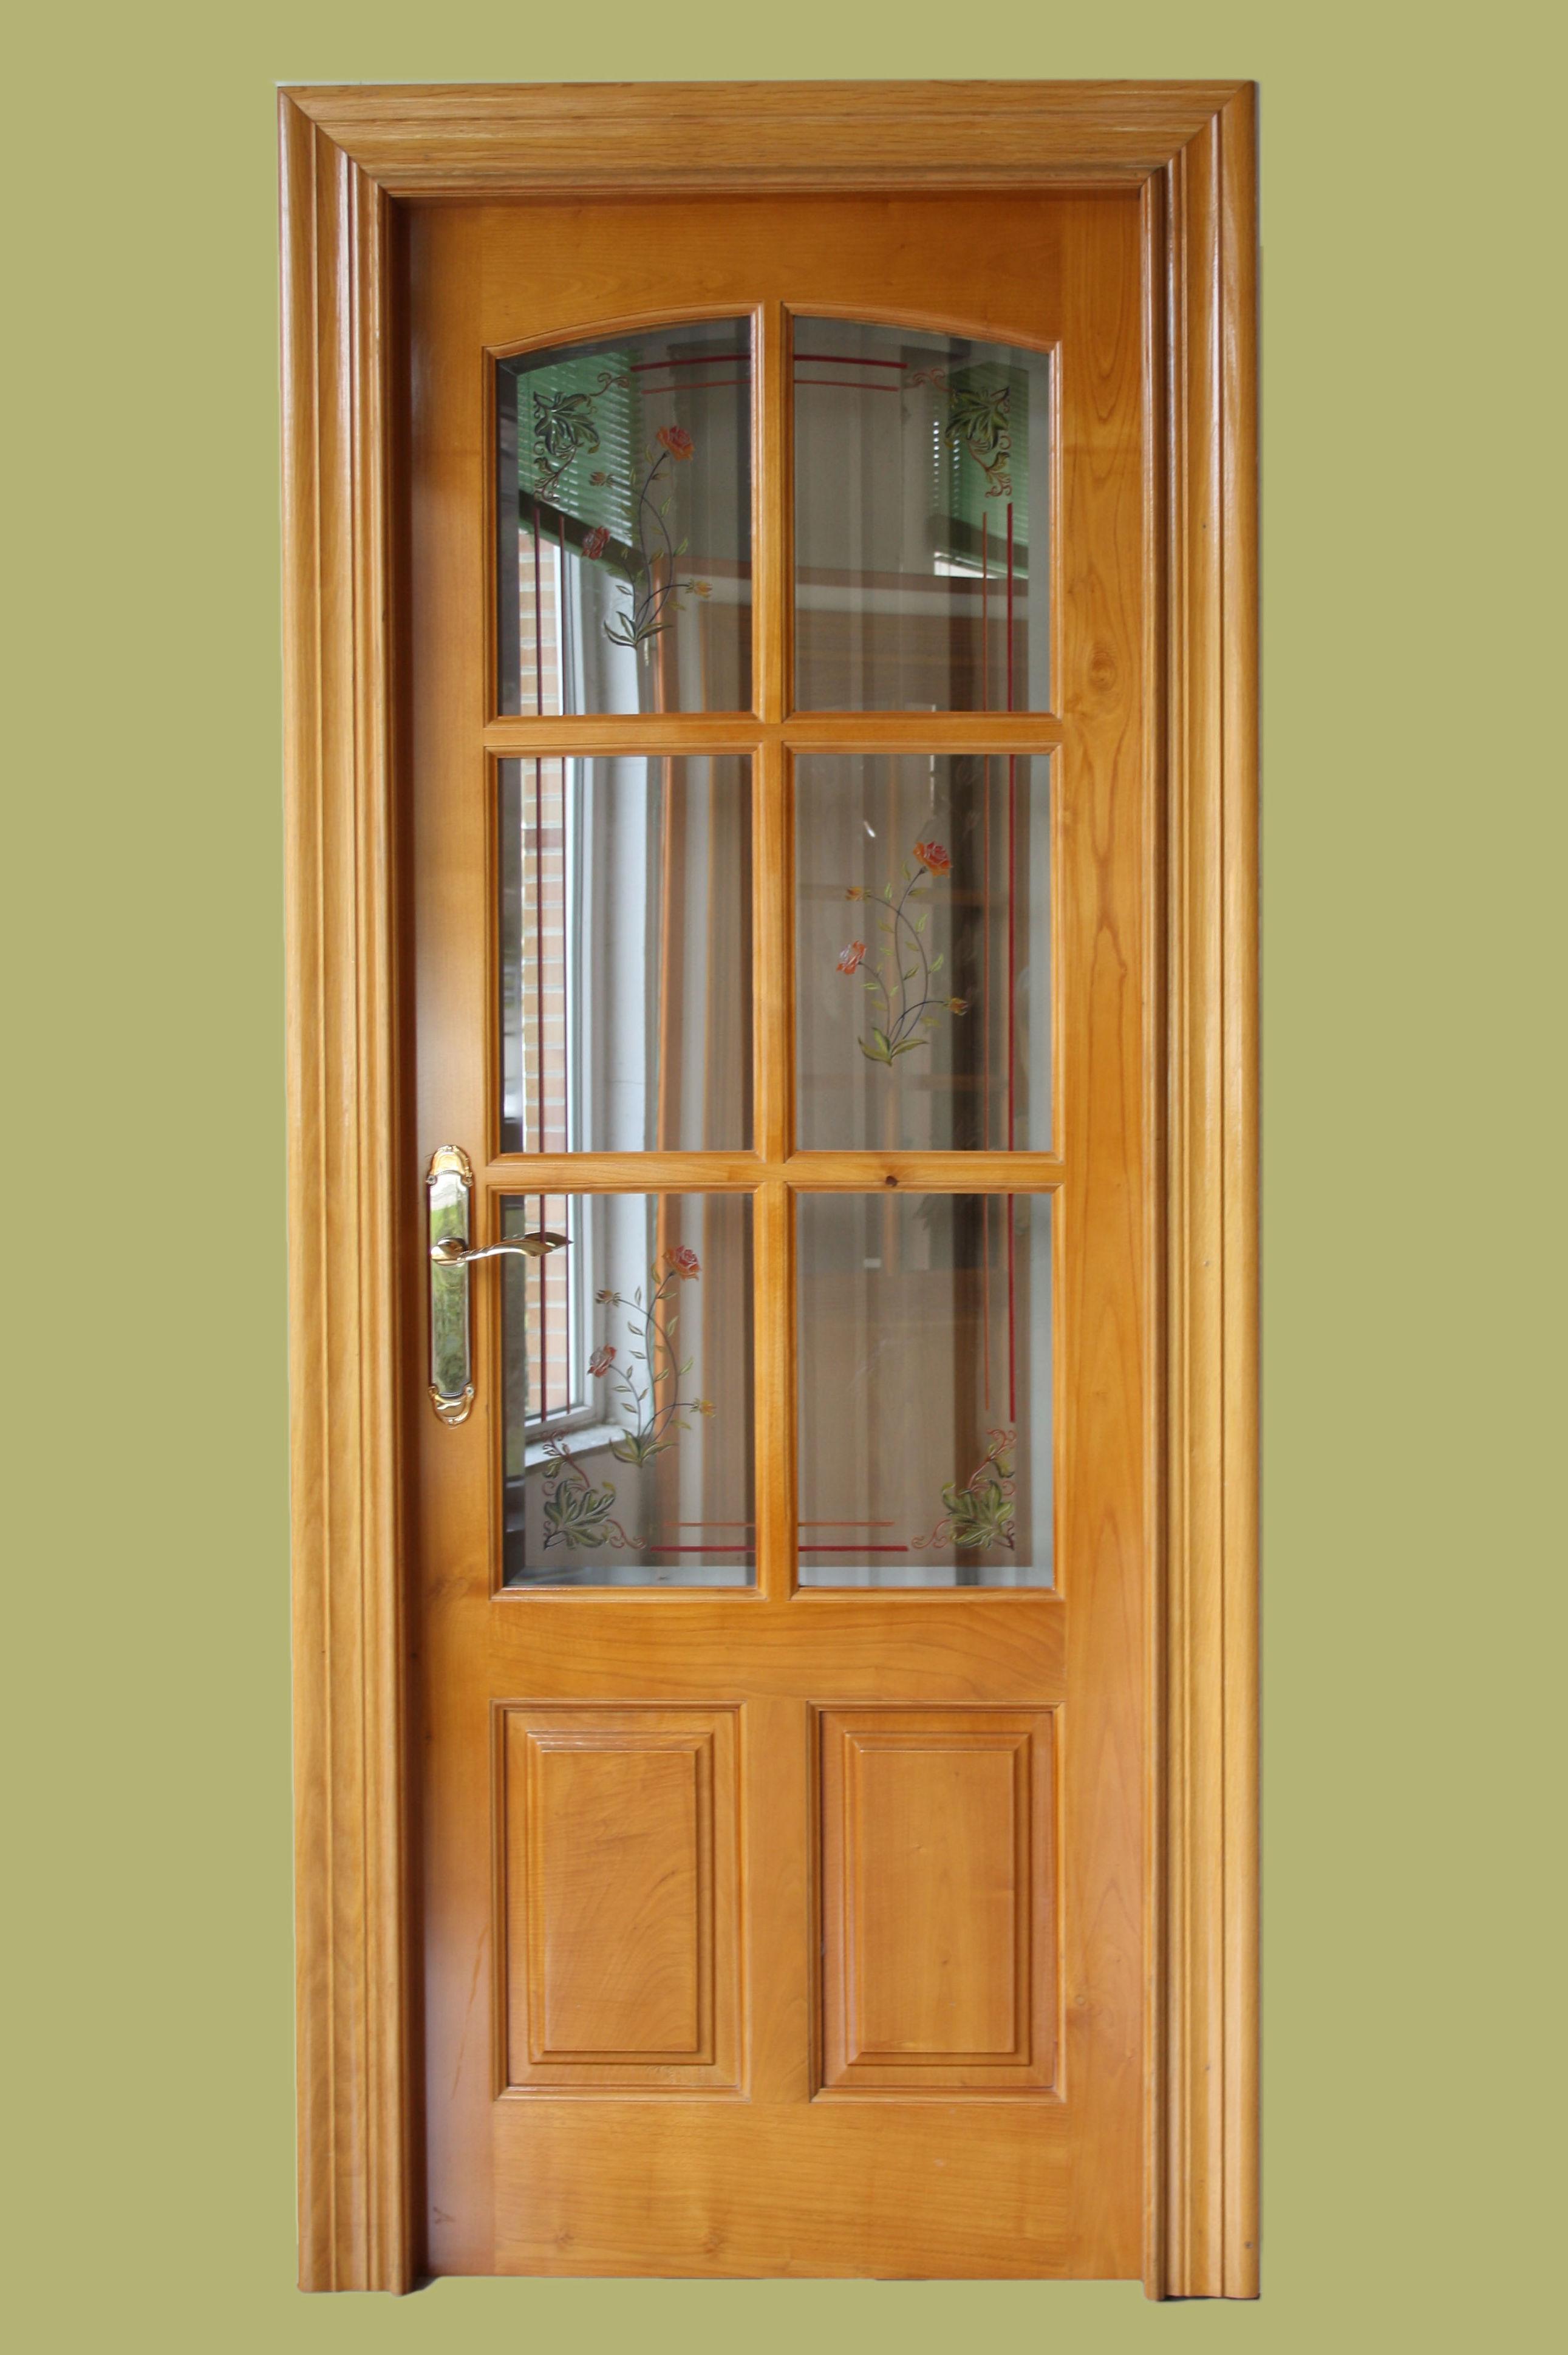 Mod maciza 6 vidrios casta o cat logo de puertas y armarios videco - Puertas de castano ...